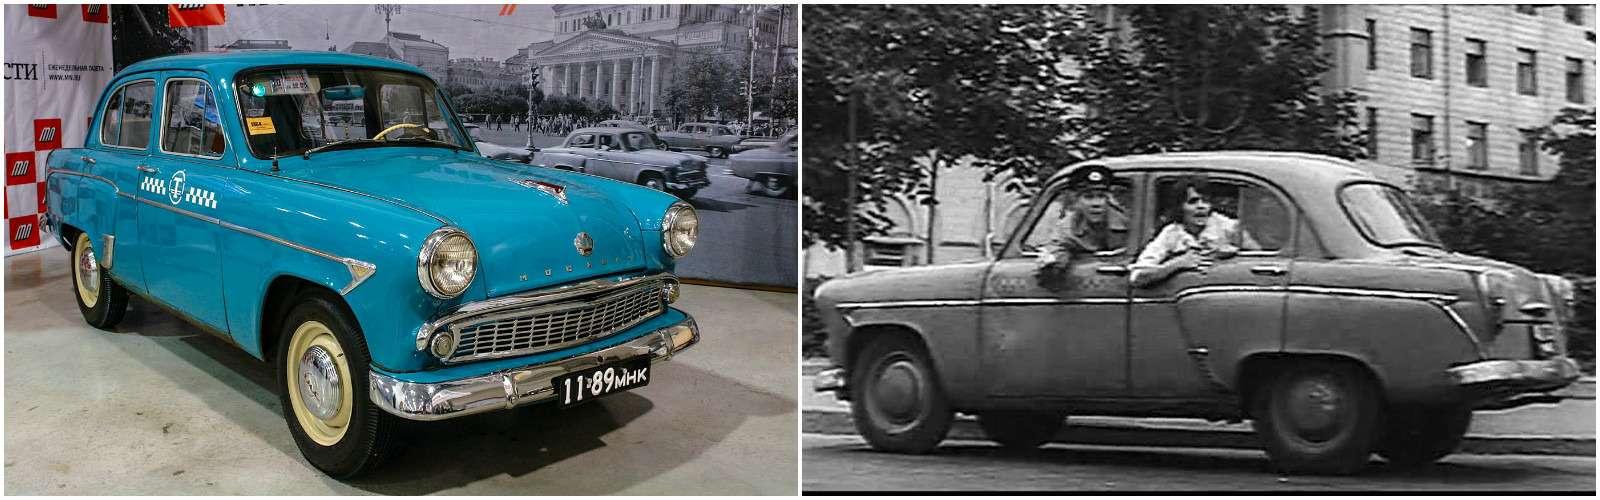 Москвич-407, Зеленый огонек, 1964г., режиссер В.Азаров.